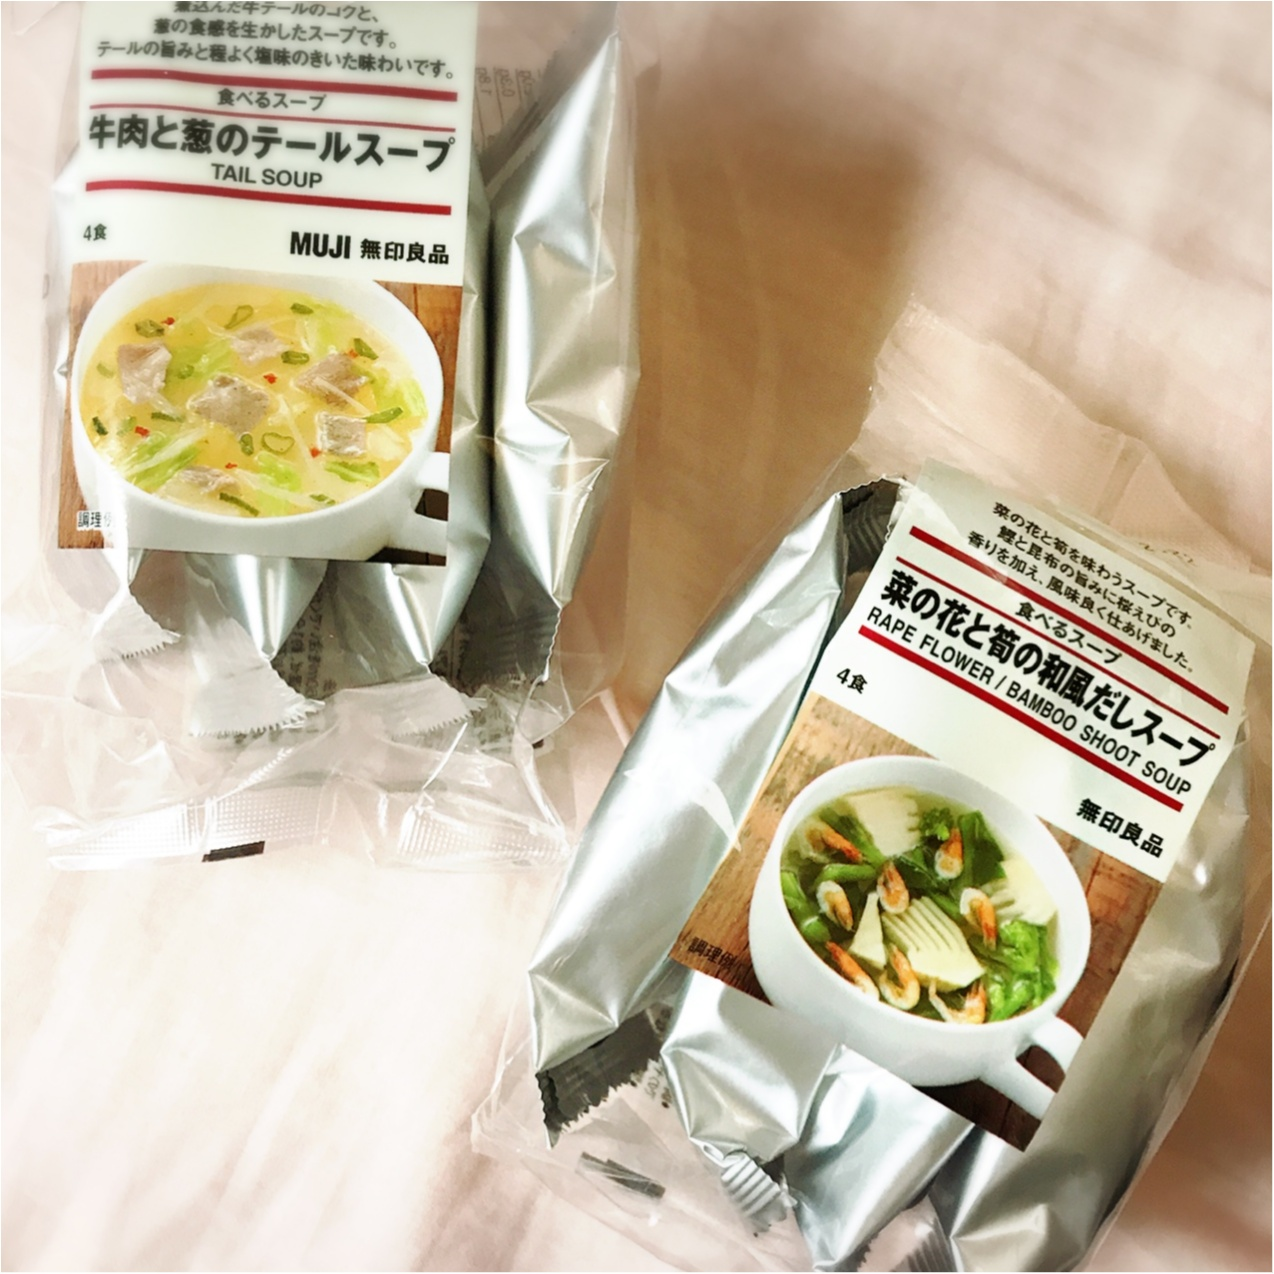 """お弁当女子必見!無印良品の「食べるスープ」で""""ほっ""""とするランチタイム❤︎_2"""